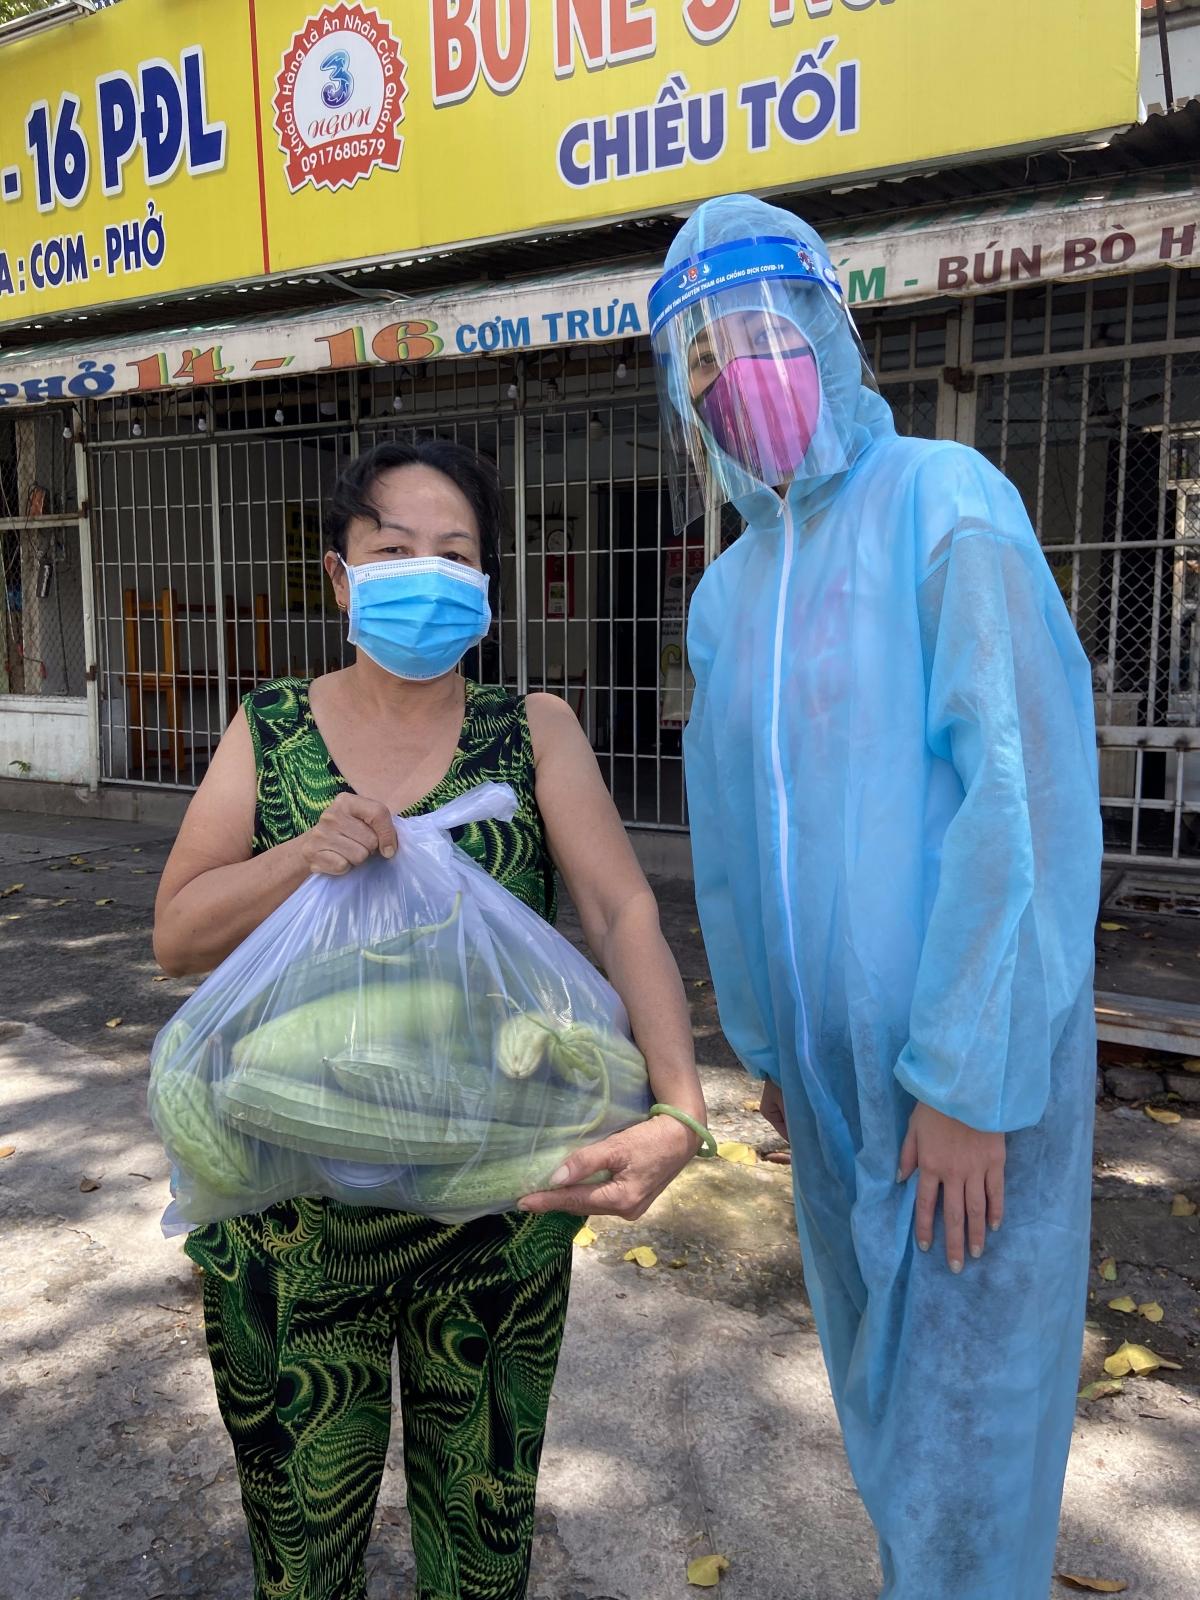 Ngày 30/07, toàn bộ số thực phẩm được vận chuyển đến TP. HCM, được đội ngũ tình nguyện viên gồm các đại sứ chương trình là Hoa hậu Khánh Vân, Á hậu Hoàng My, Á hậu Kim Duyên...